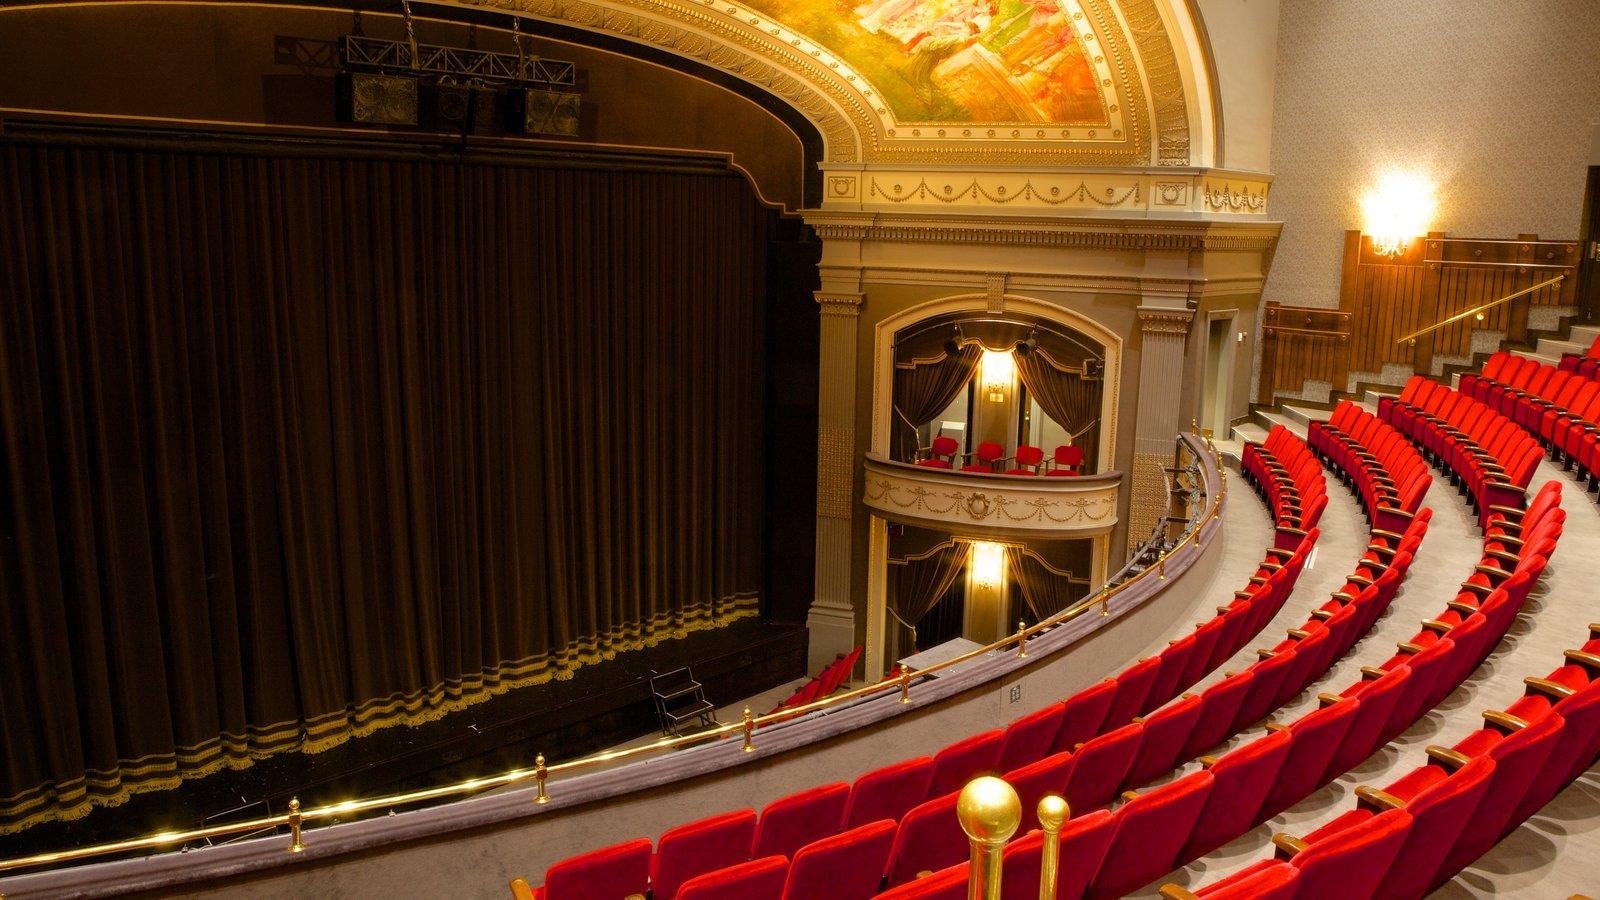 Grand Theatre que incluye escenas de teatro y vistas interiores